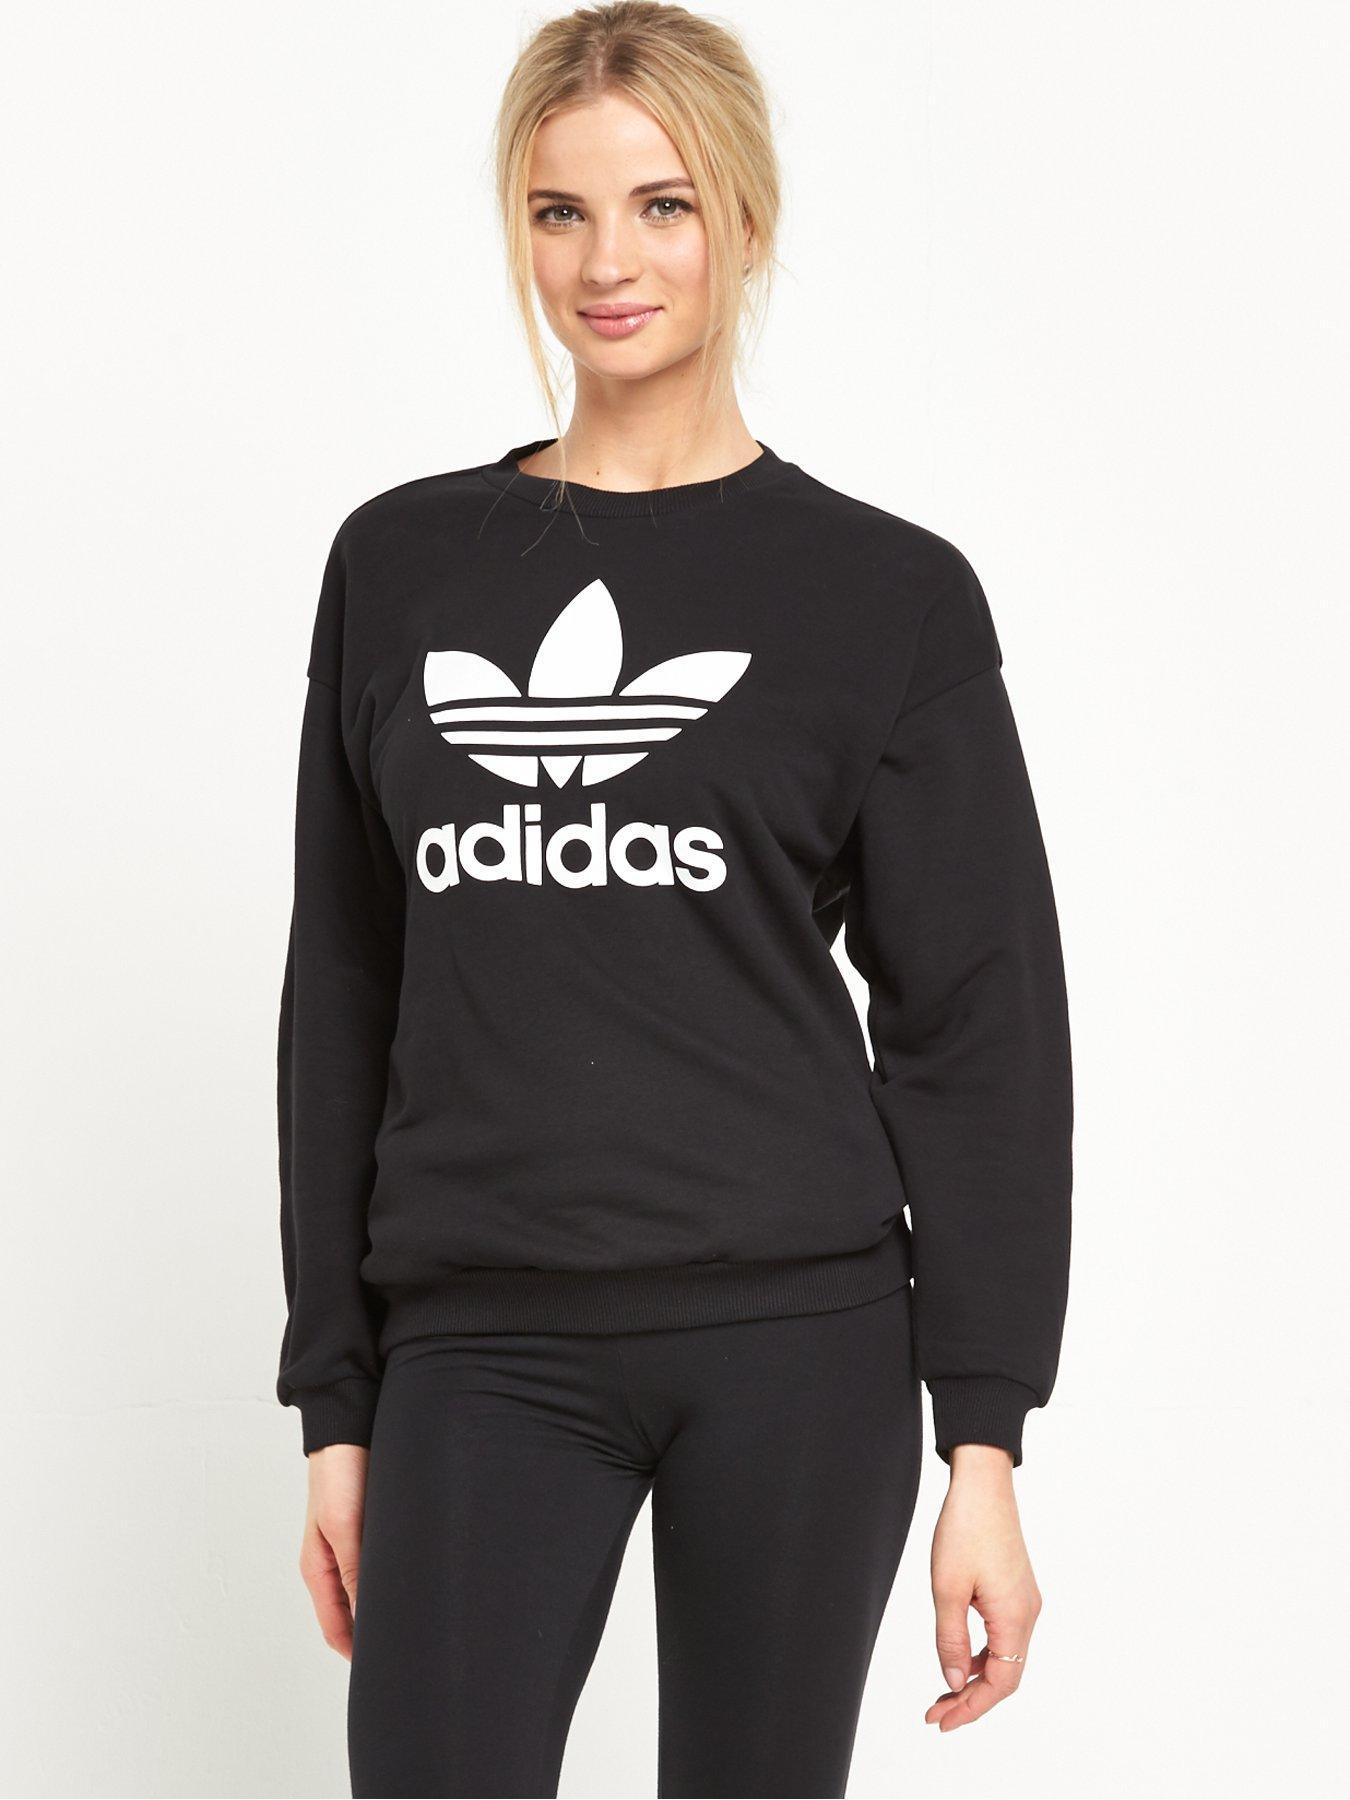 Adidas Sportshirt Dames Sale | RLDM